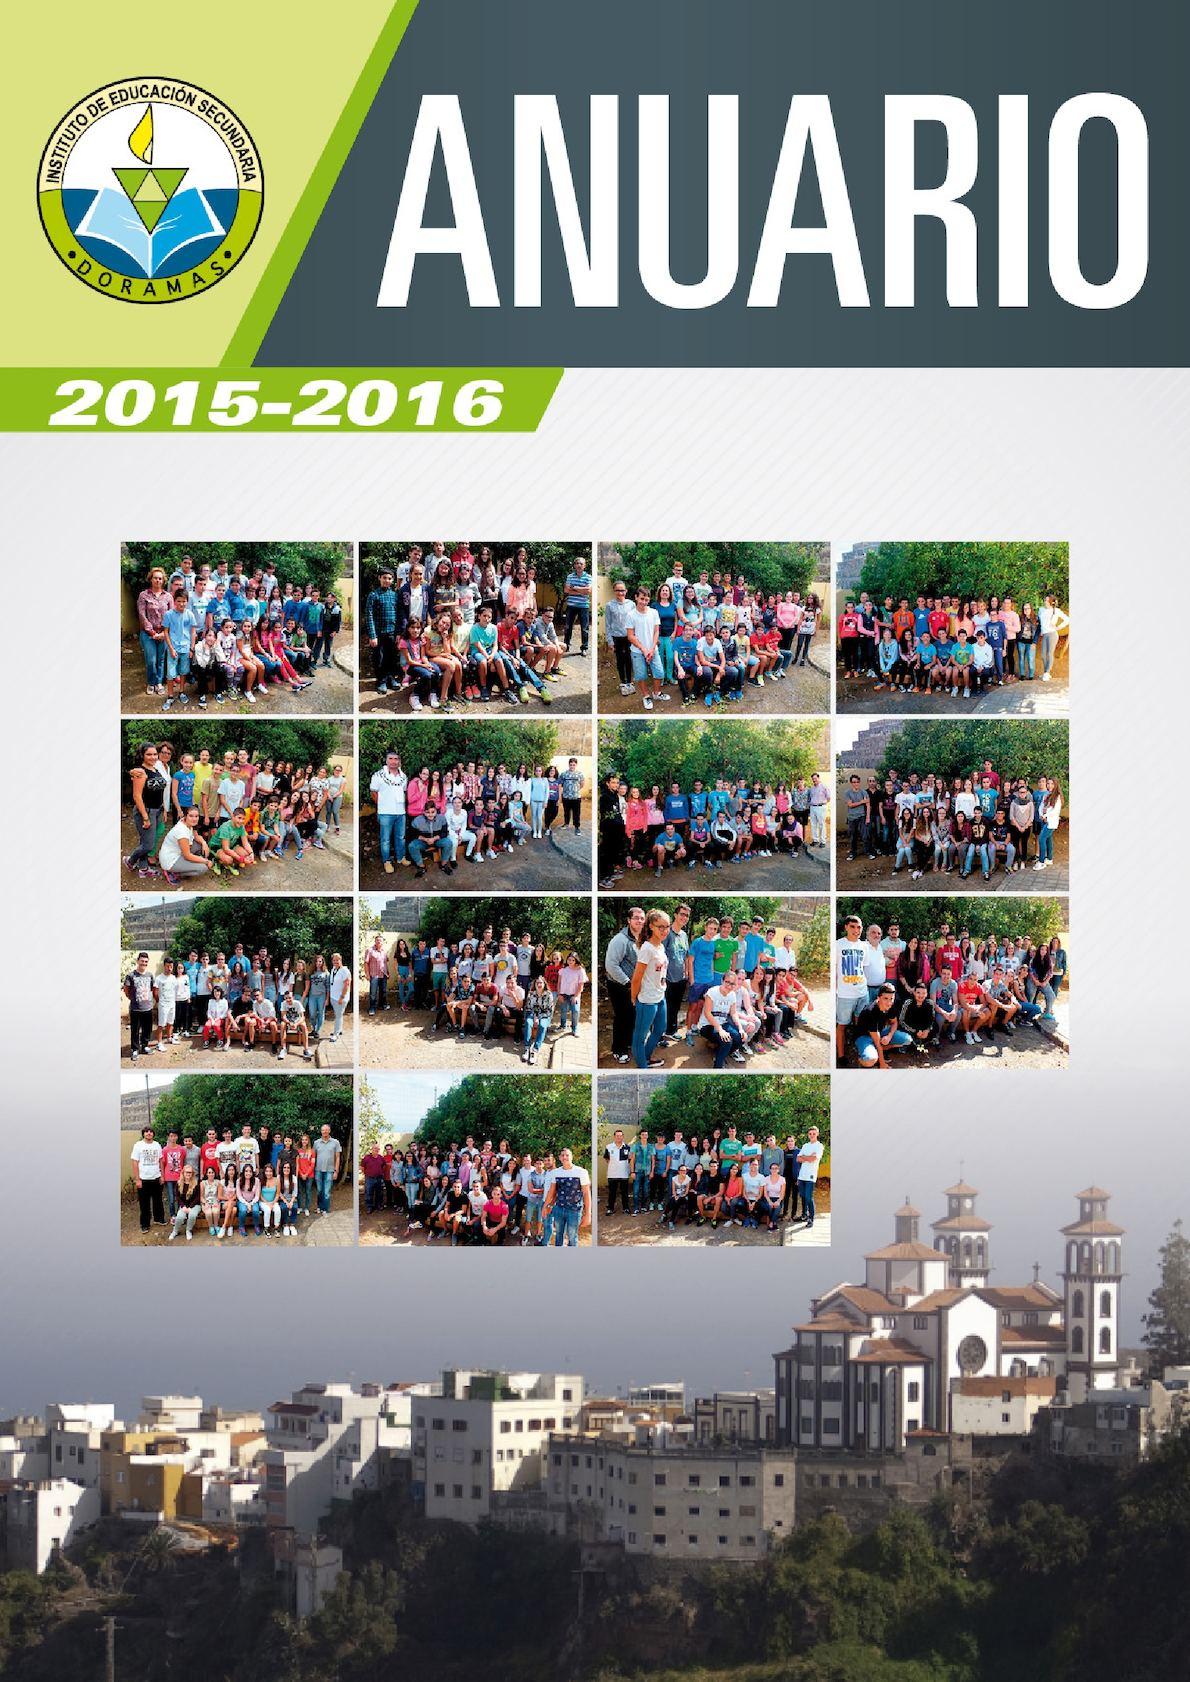 Ies 201516Moya Escolar Calaméo DoramasCurso Anuario GSMpUVzq